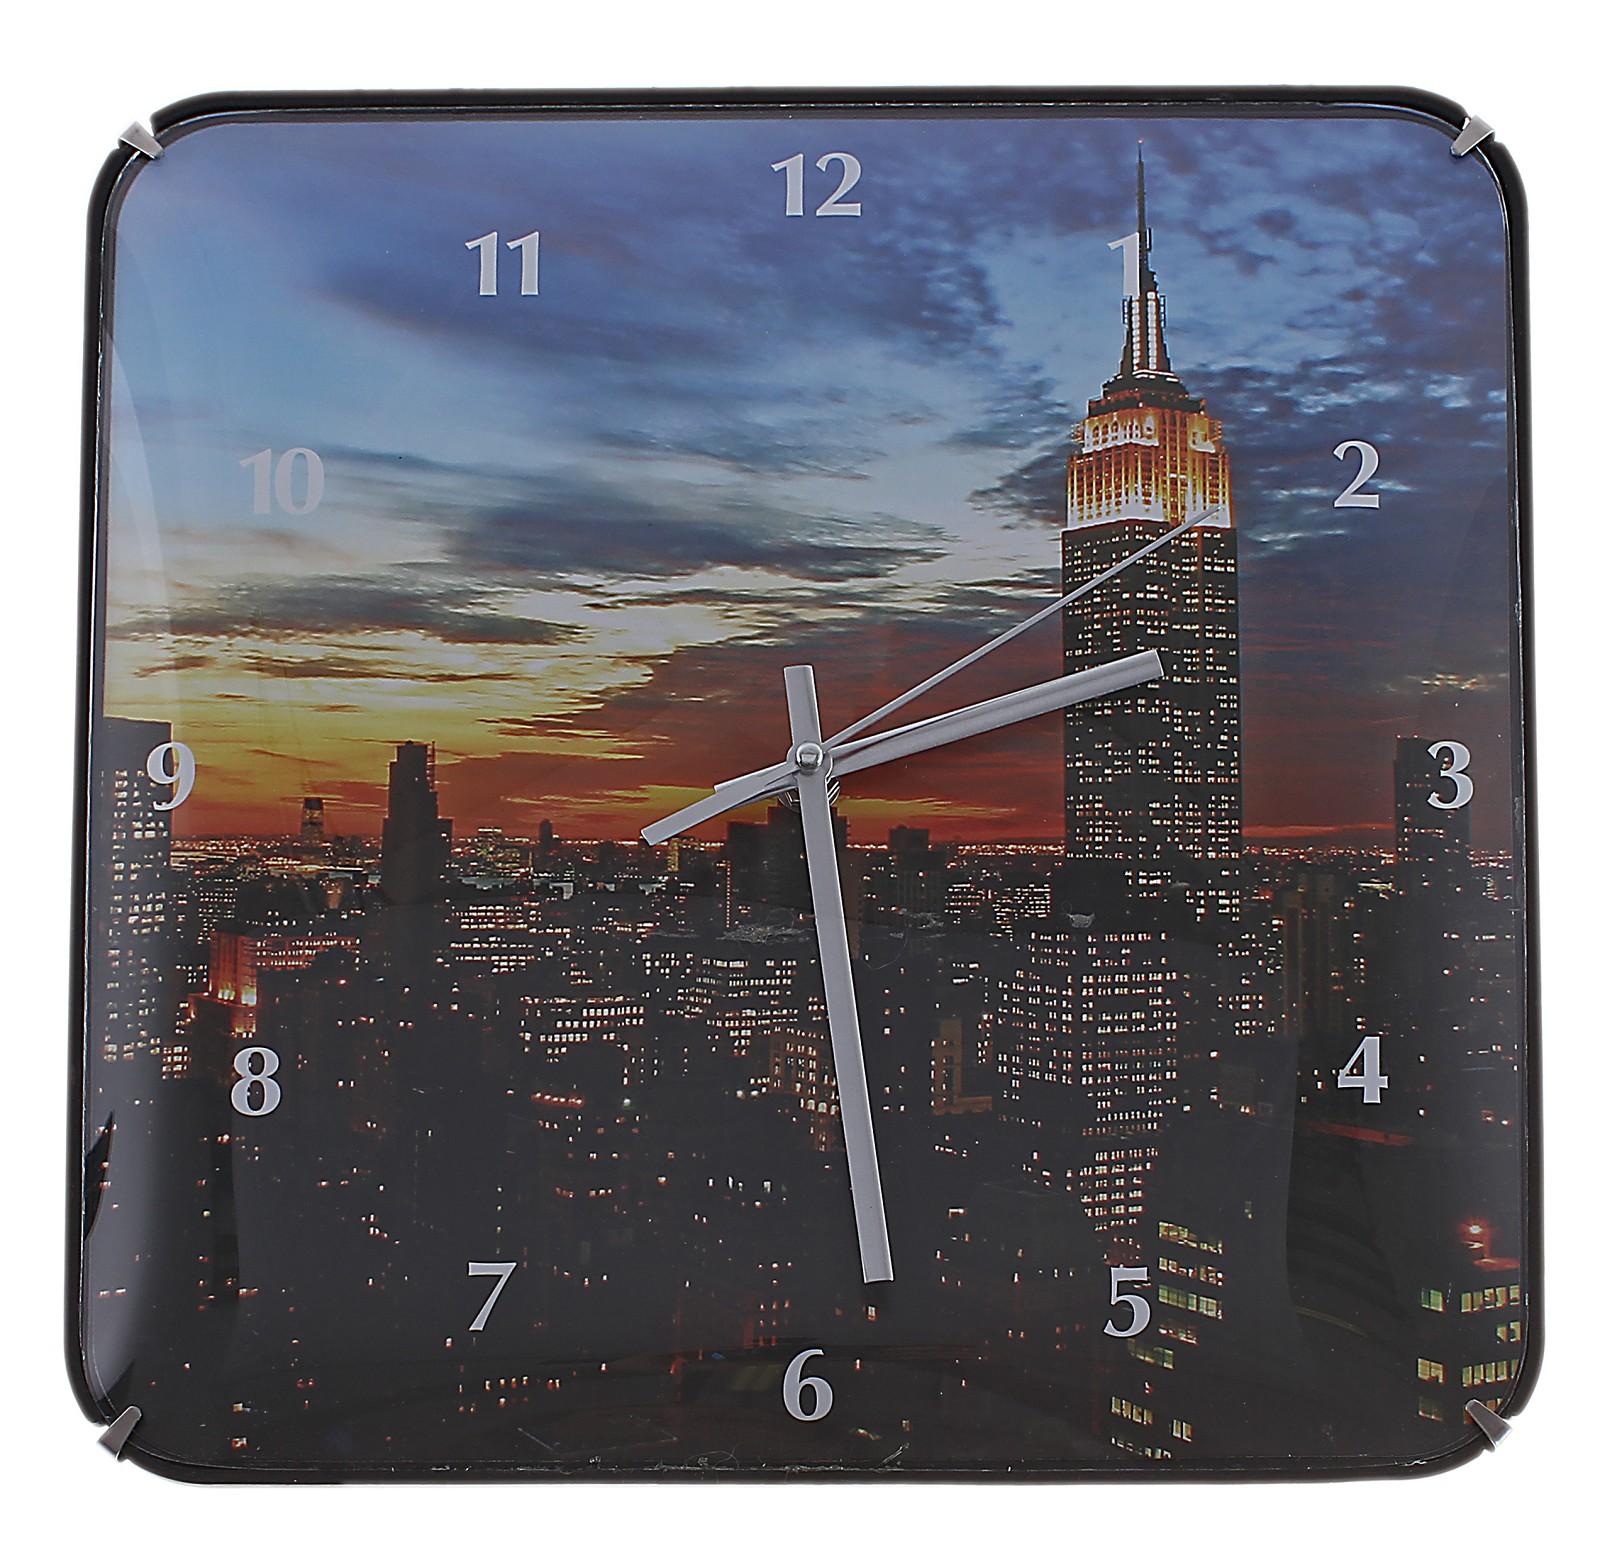 Часы настенные Ночной сити, цвет: мульти. 589195589195Оригинальные настенные часы Ночной сити квадратной формы выполнены из пластика и оформлены изображением ночного города. Часы имеют три стрелки - часовую, минутную и секундную. Циферблат часов защищен пластиком. Необычное дизайнерское решение и качество исполнения придутся по вкусу каждому.Оформите совой дом таким интерьерным аксессуаром или преподнесите его в качестве презента друзьям, и они оценят ваш оригинальный вкус и неординарность подарка. Характеристики:Материал: пластик, металл. Размер: 3 см x 30 см x 30 см. Размер упаковки: 31 см х 31 см х 4,5 см. Артикул:589195. Работают от батарейки типа АА (в комплект не входит).